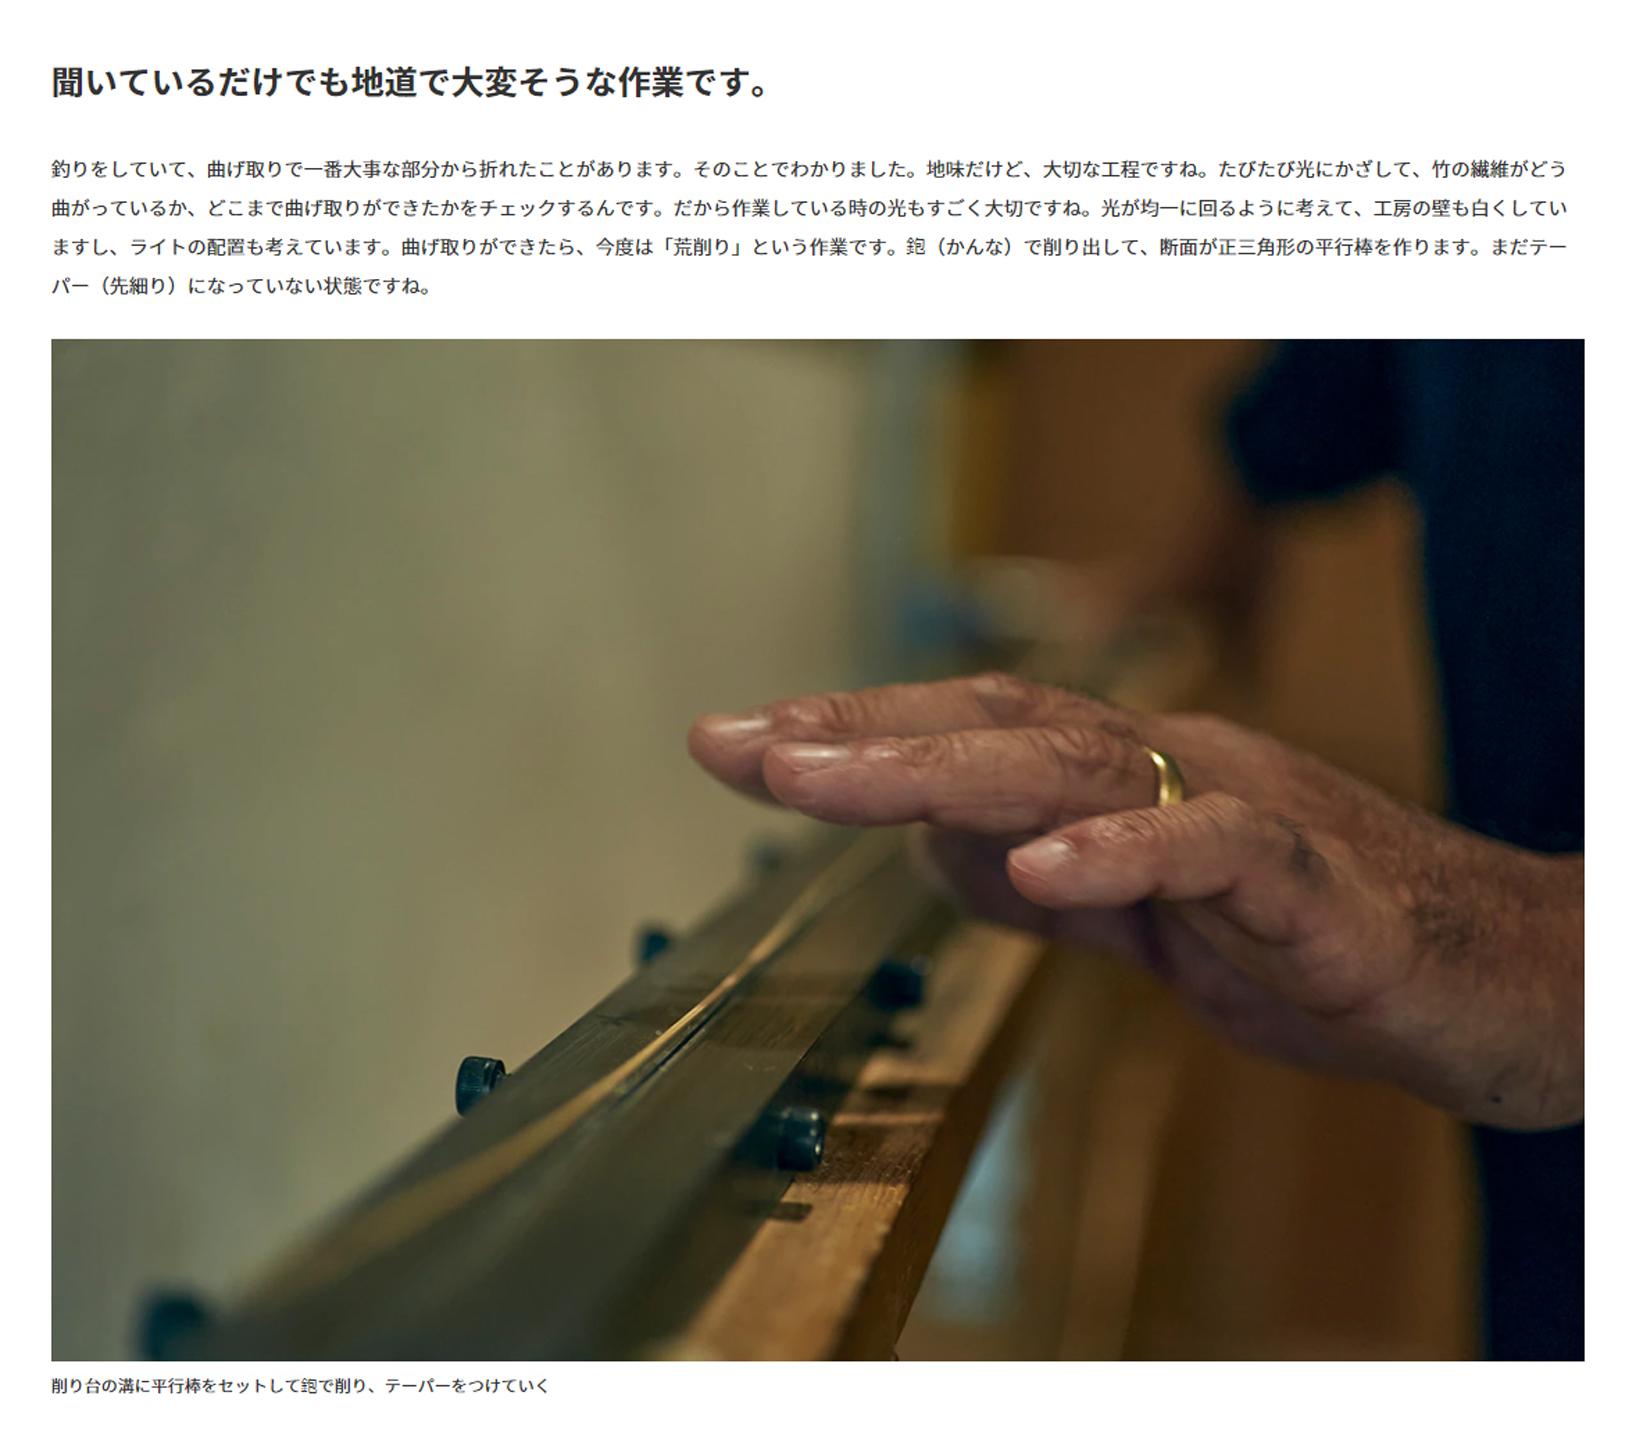 【技に触れる旅】至高のバンブーロッドを求めてトラウト王国・北海道へ行く21